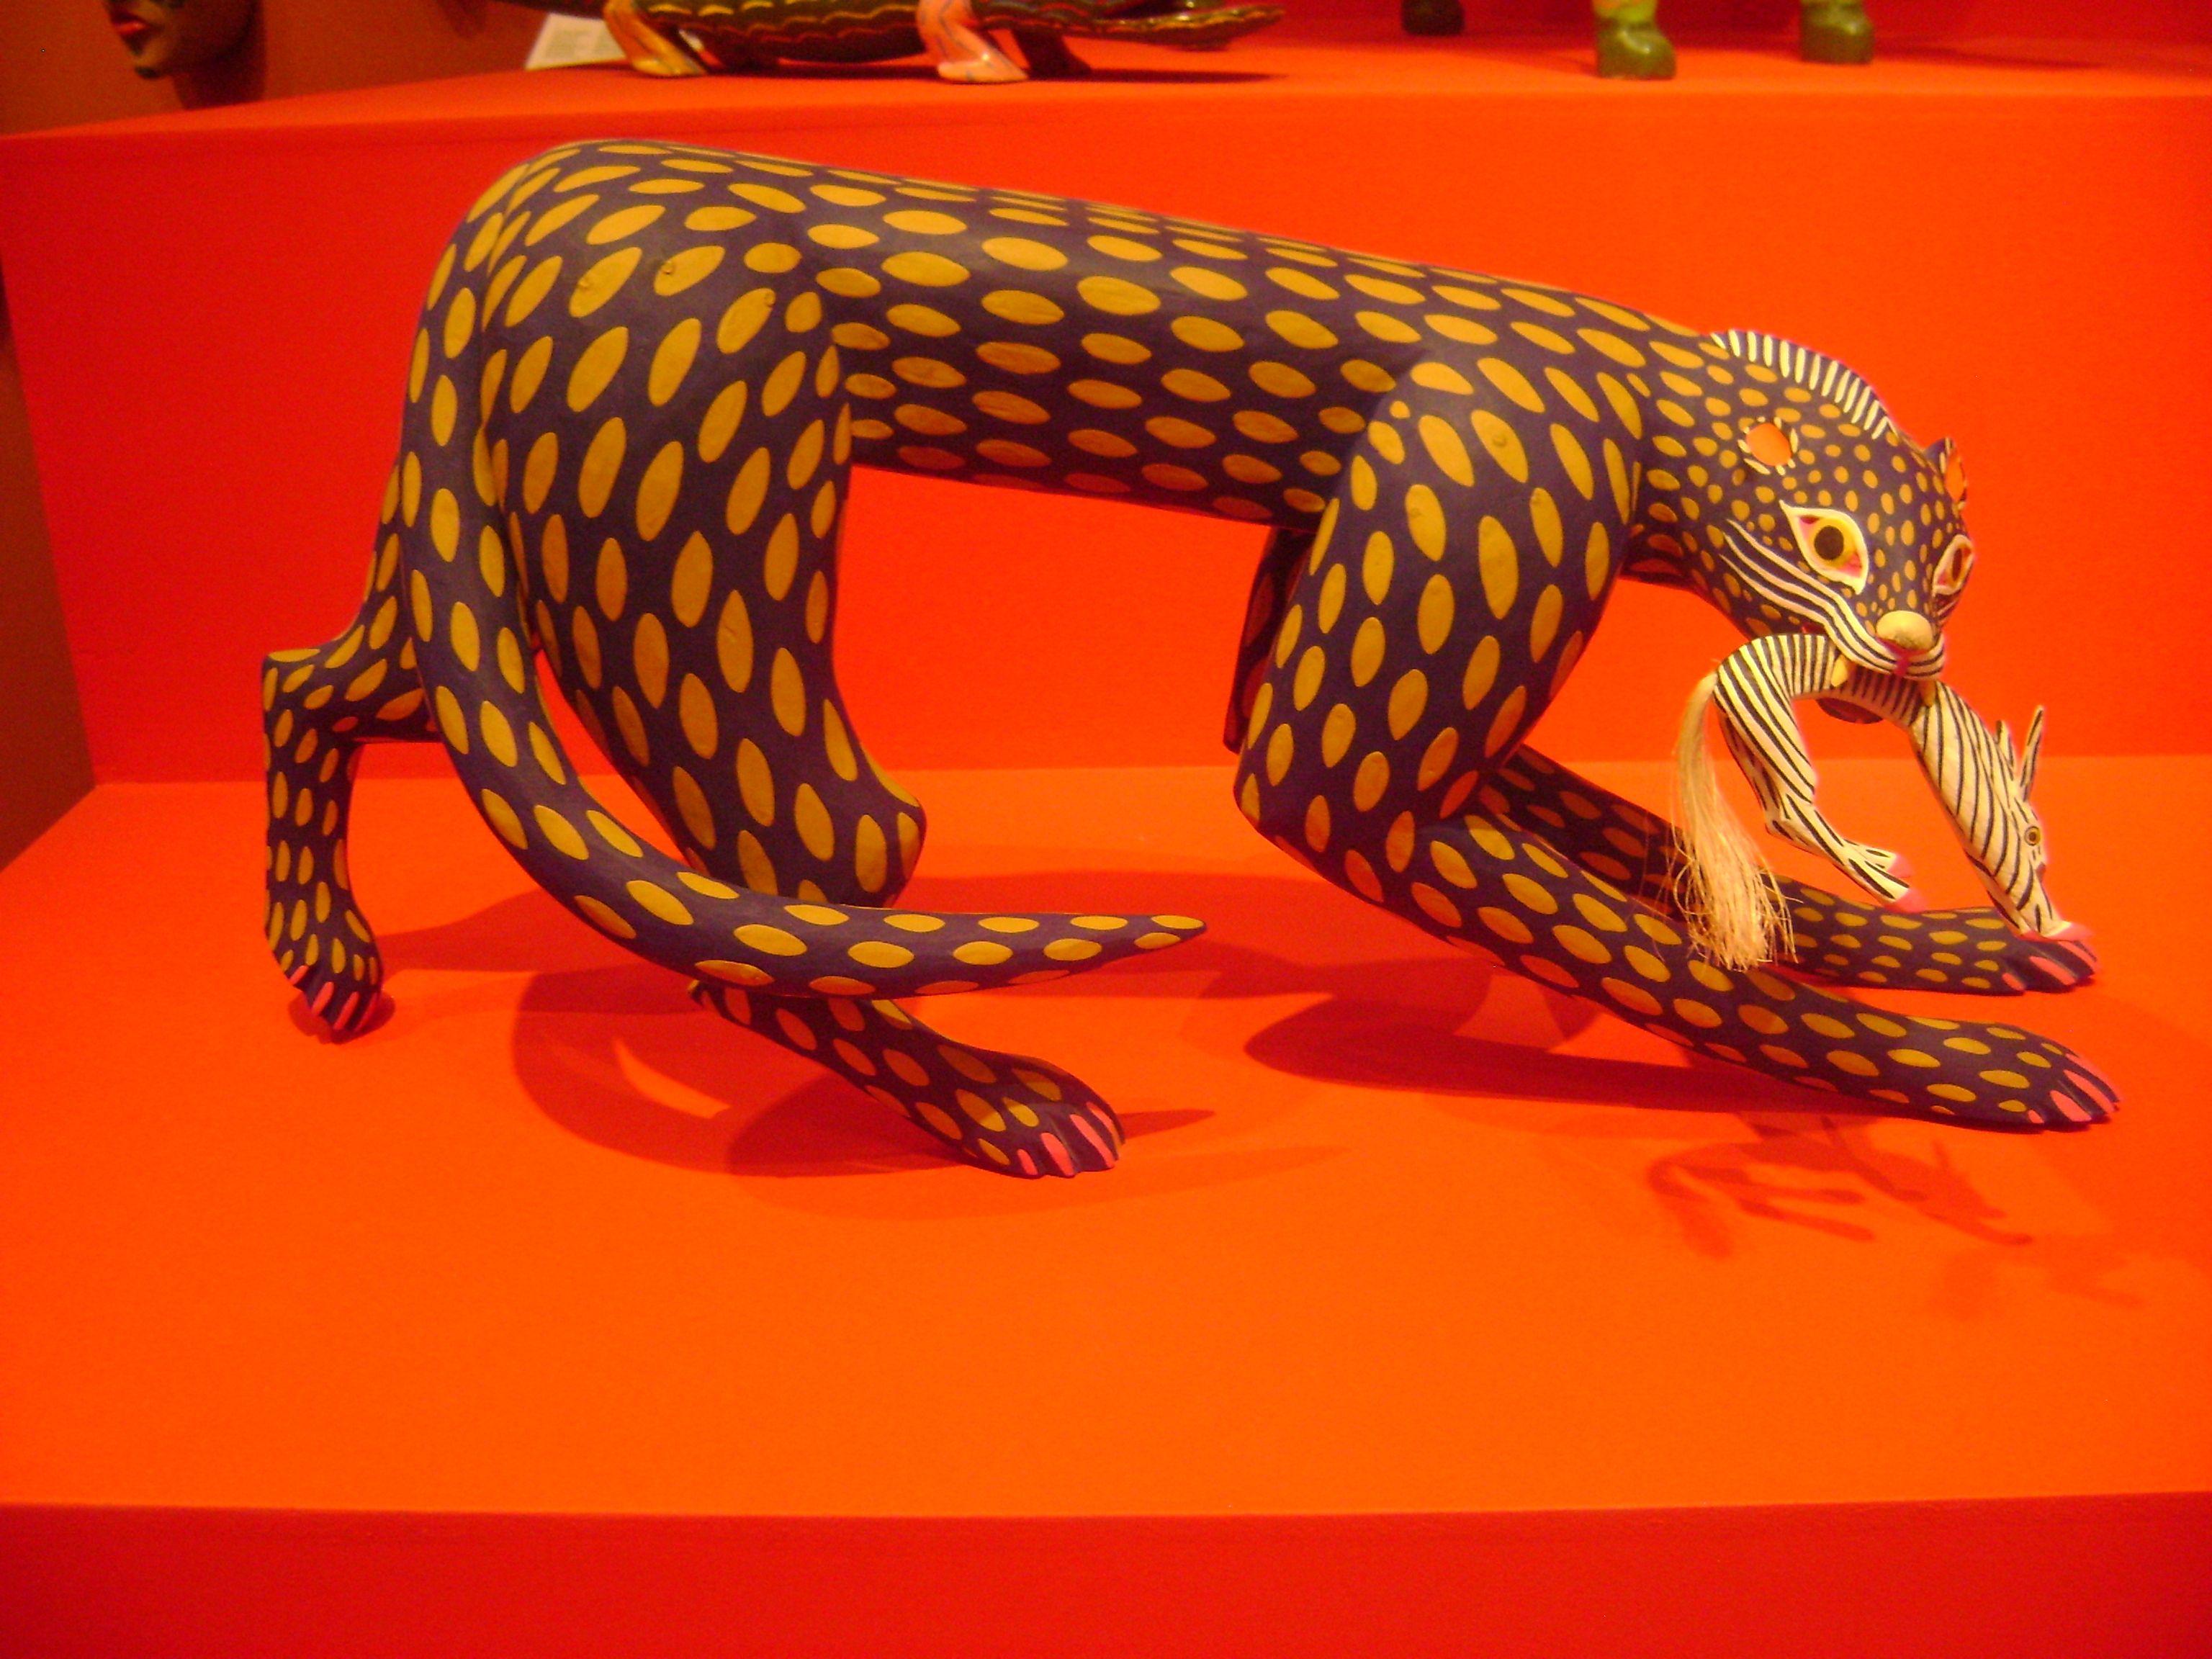 """""""Felino,1996"""" hecho por Manuel Jimenez Ramirez,esta obra esta hecha de madera cortada,tallada,ensamblada y policromada.De Mexico."""